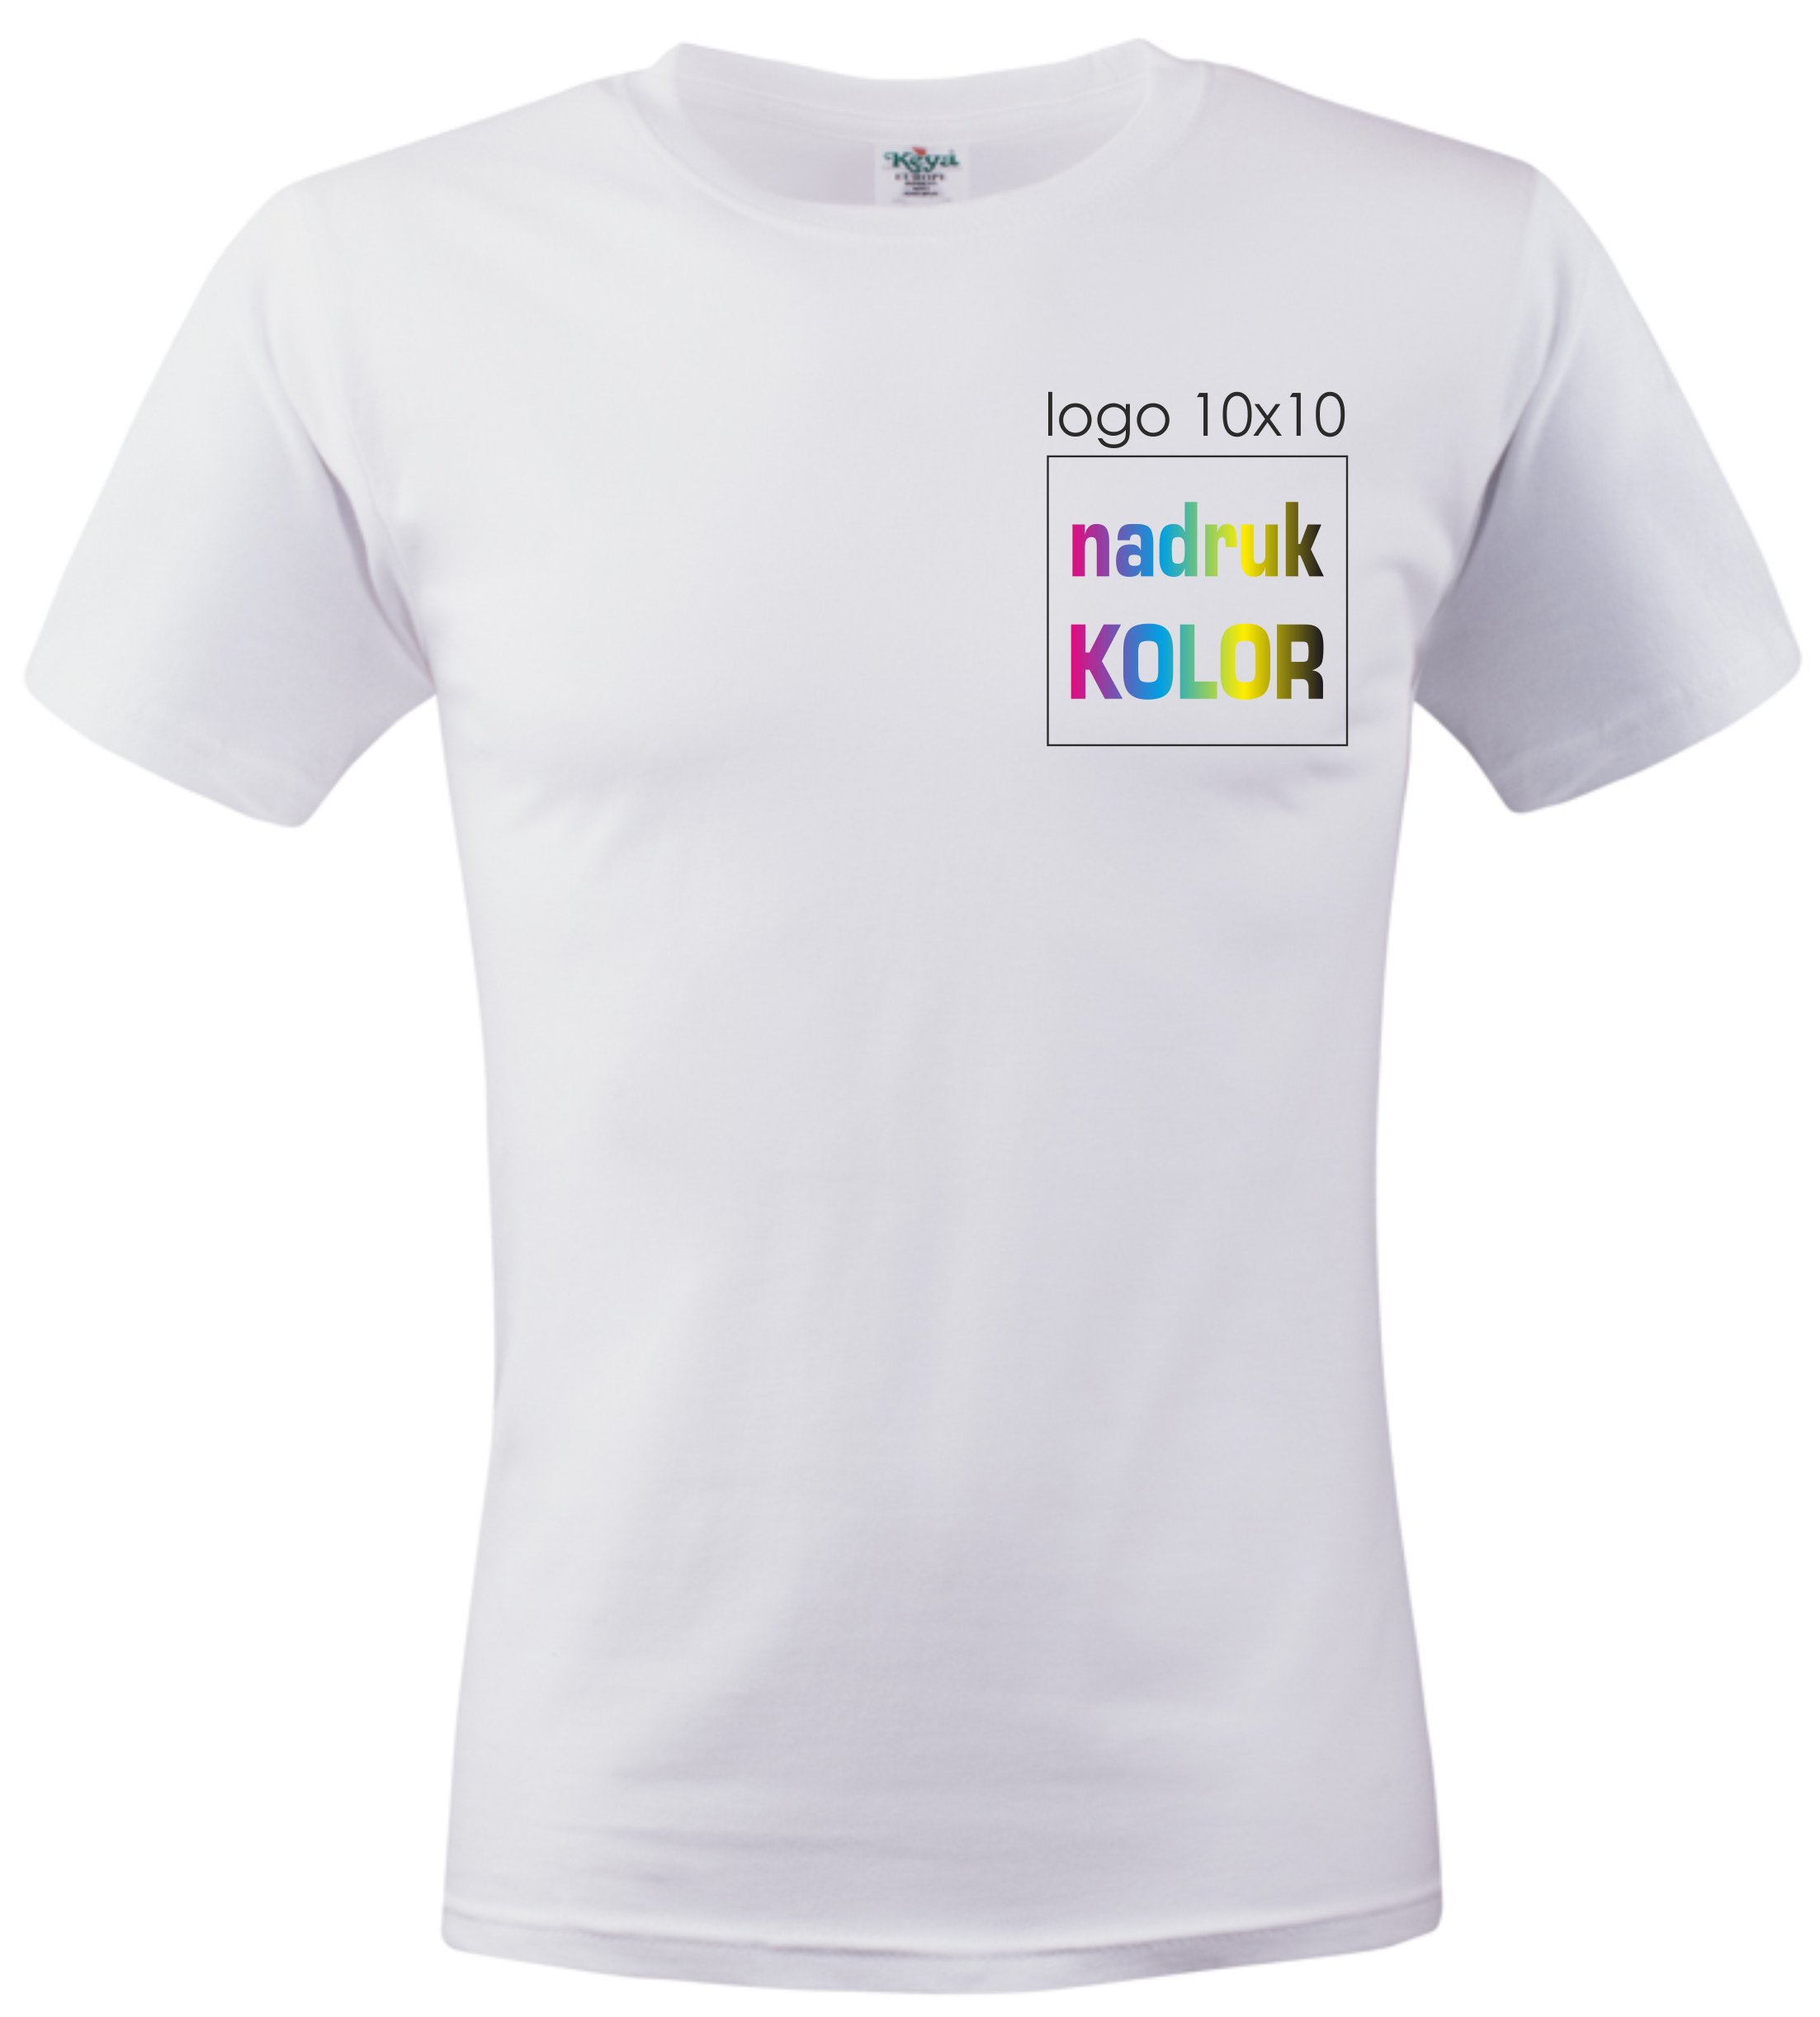 f0793c6d56f0 Koszulka biała z nadrukiem 10x10 DTG PREMIUM - 6870840849 ...